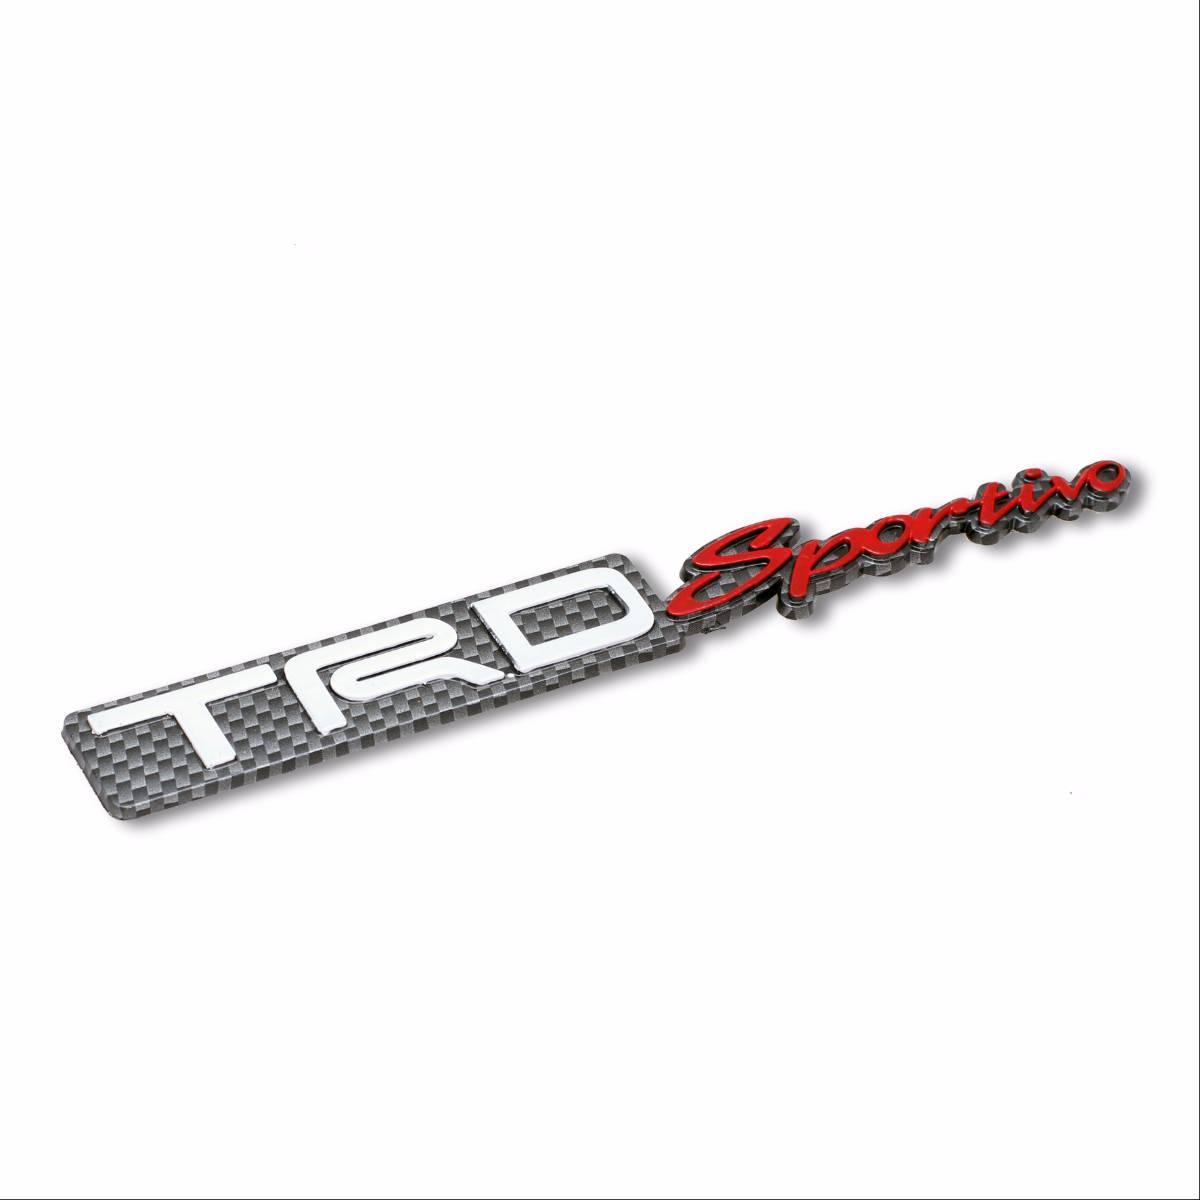 Emblem Logo Trd Sportivo - Embose Carbon